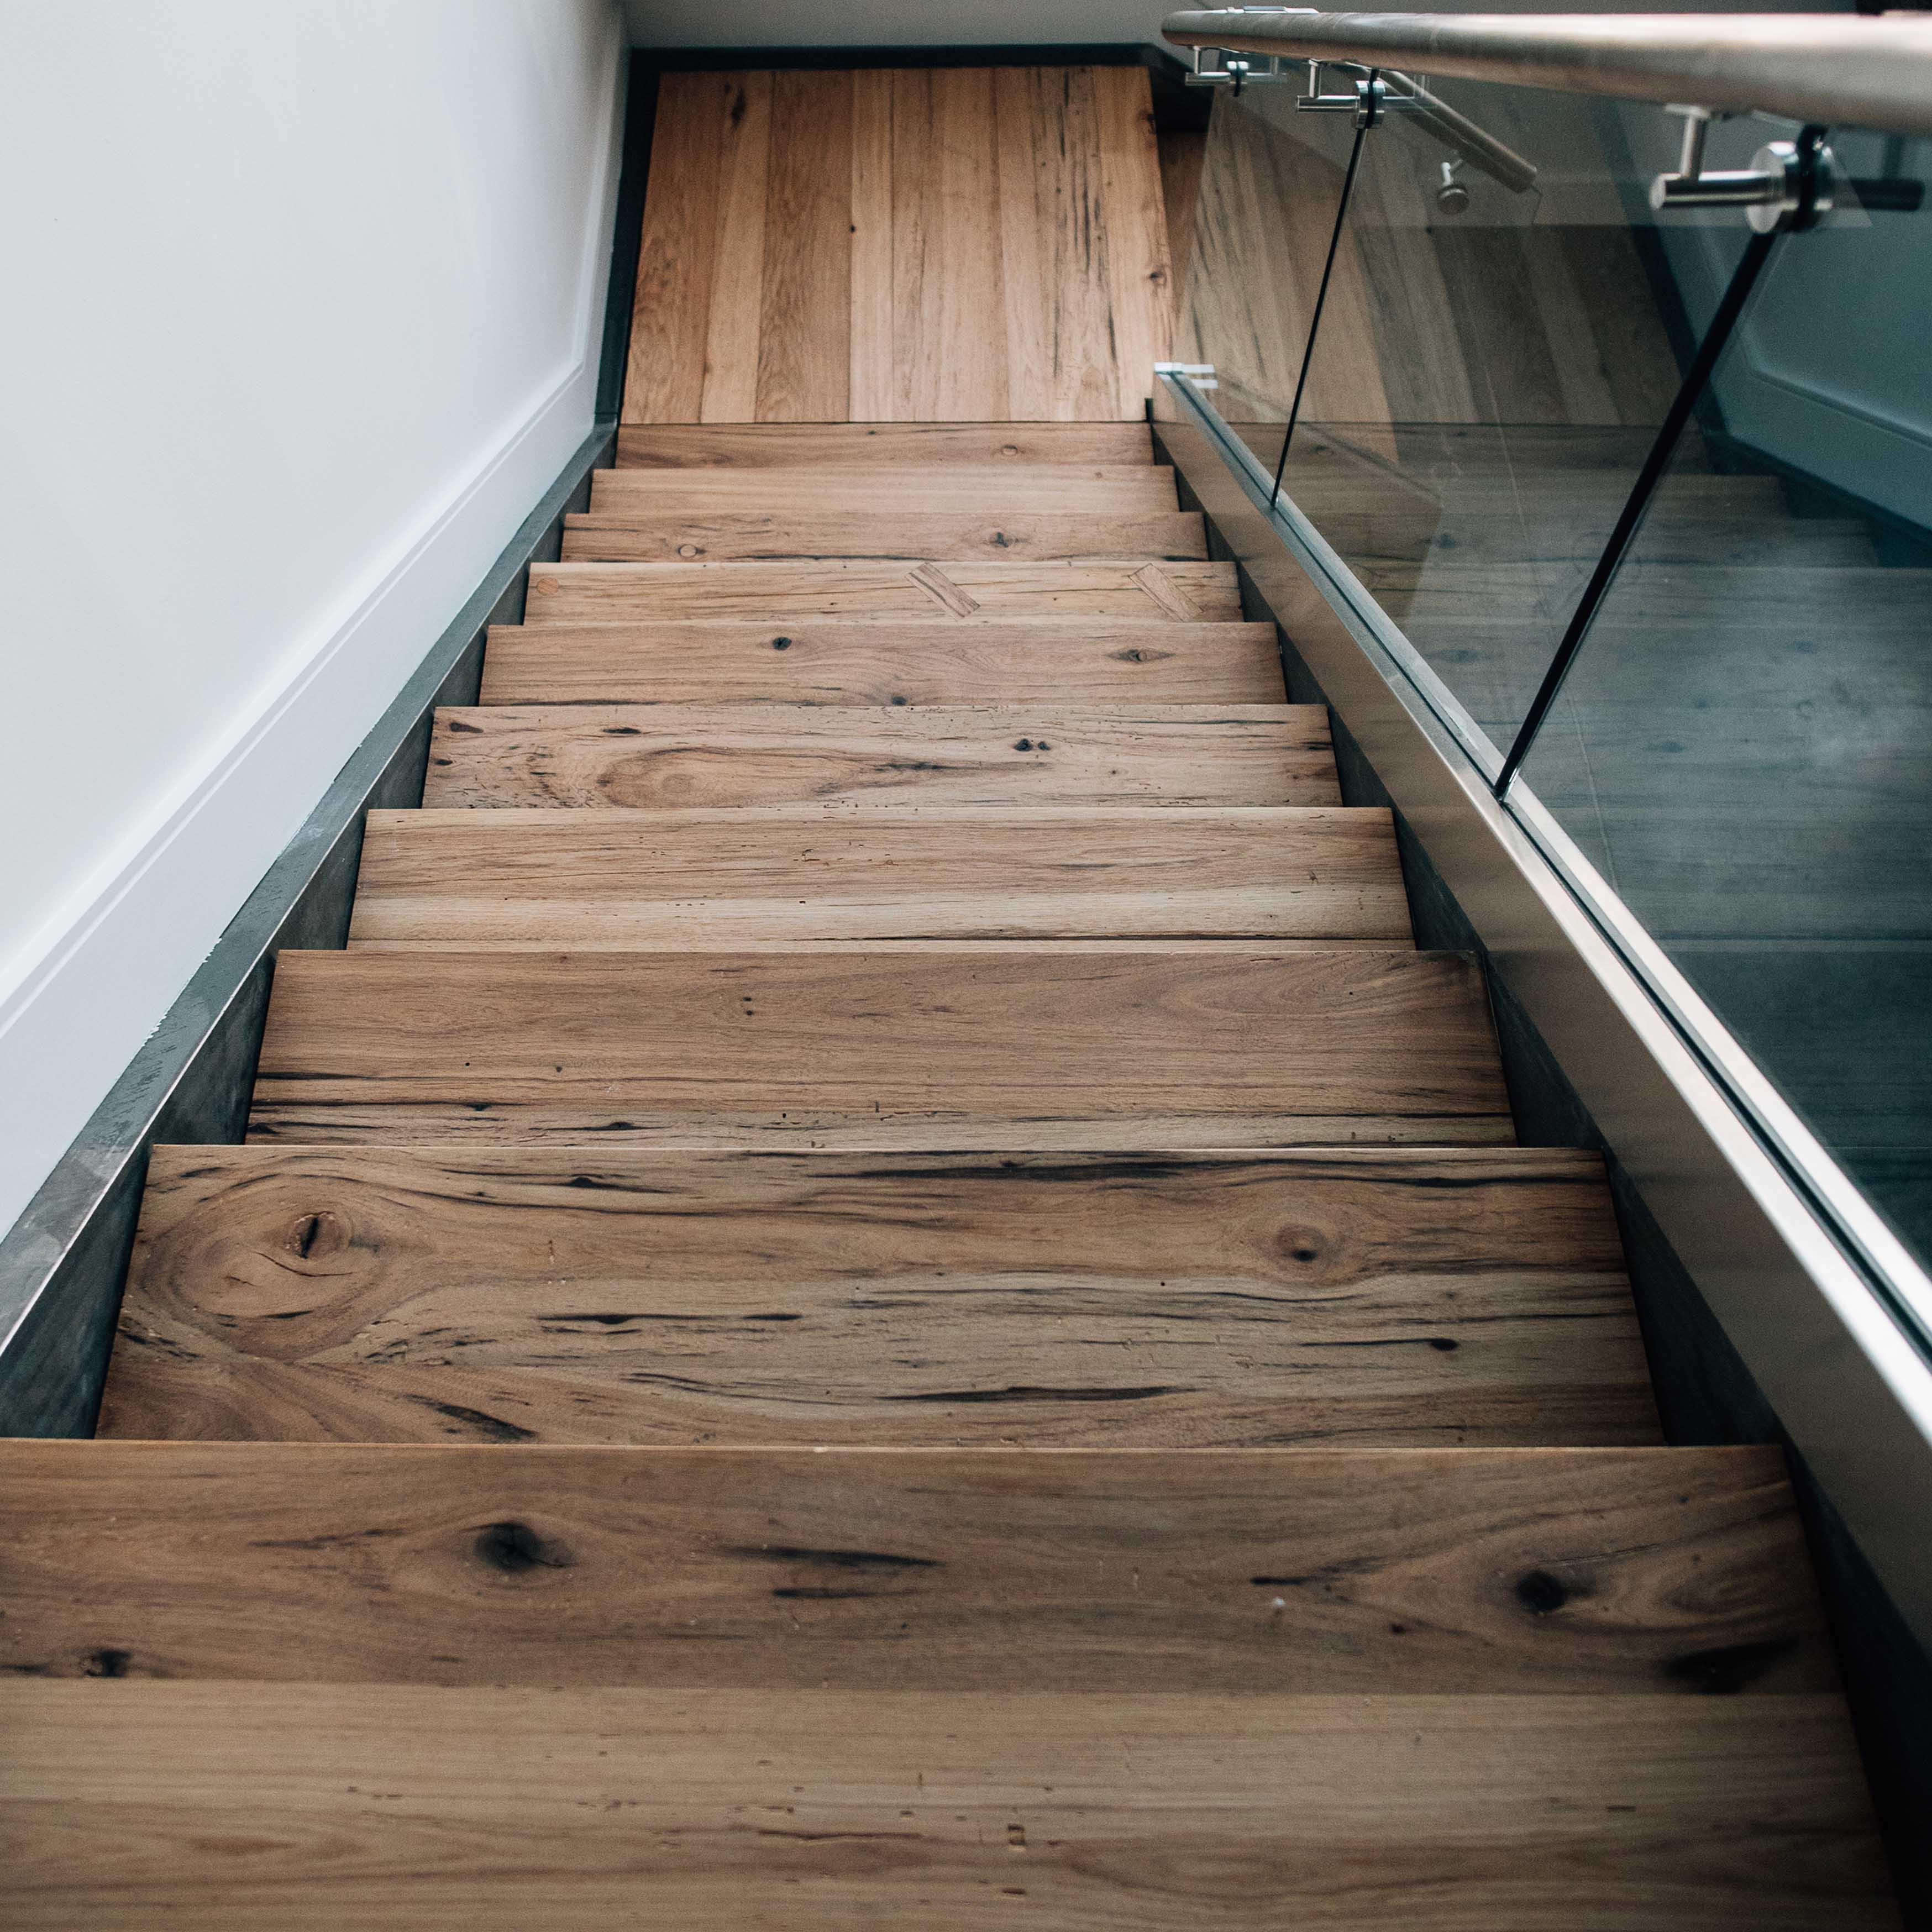 Longleaf Lumber Reclaimed Hickory Stair Treads For Custom